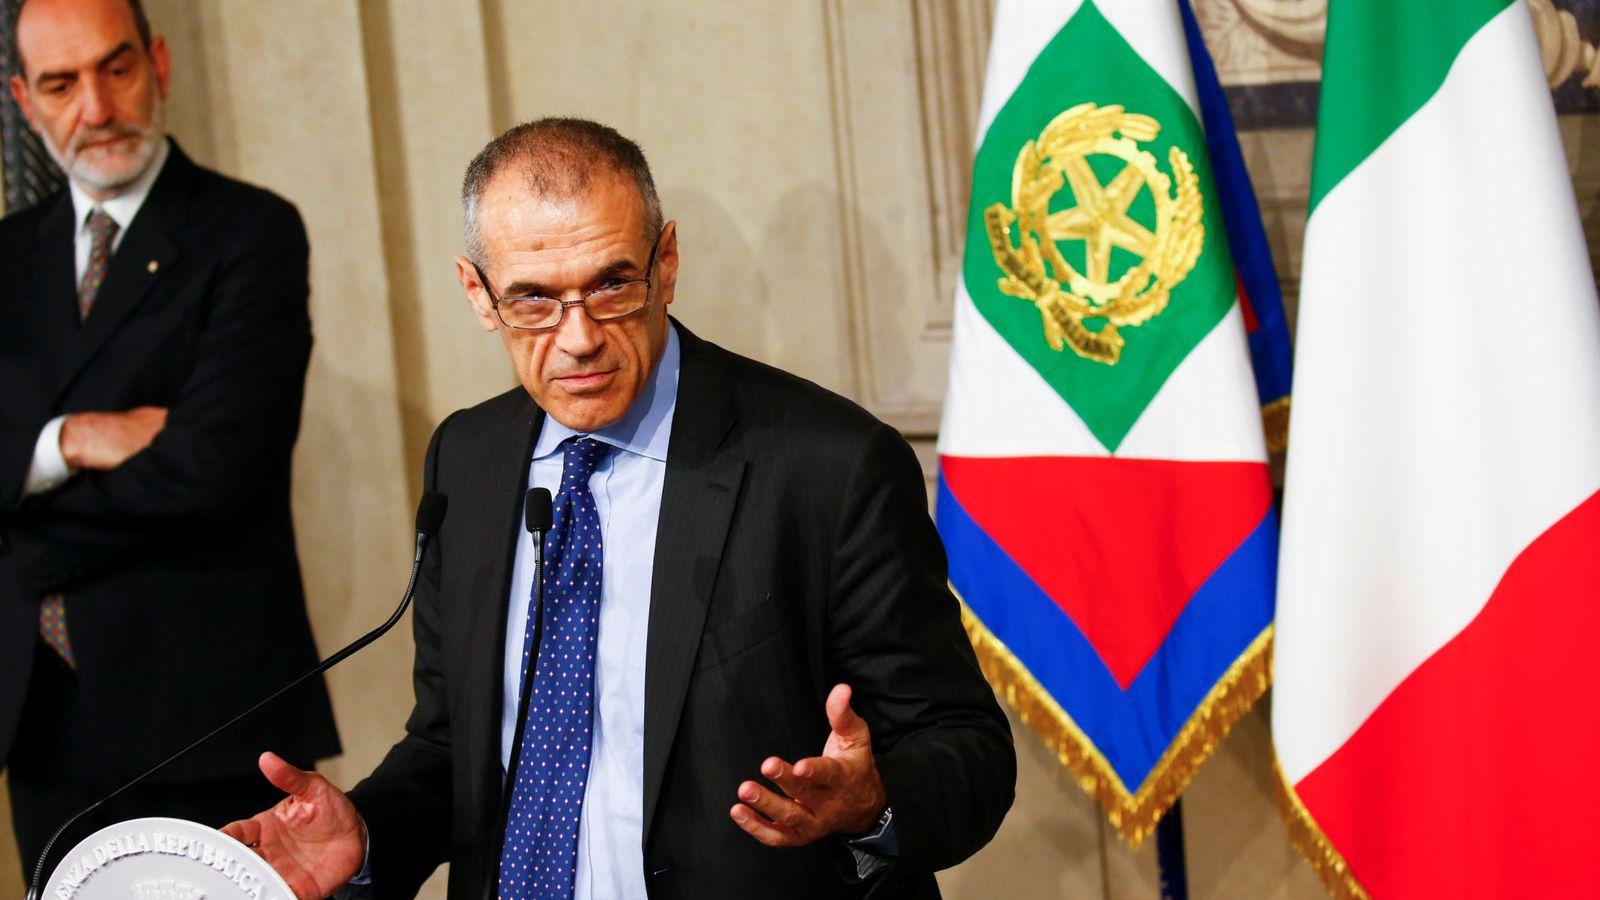 Foto: Carlo Cottarelli, exdirectivo del FMI, ante los medios tras su reunión con Sergio Mattarella. (Reuters)